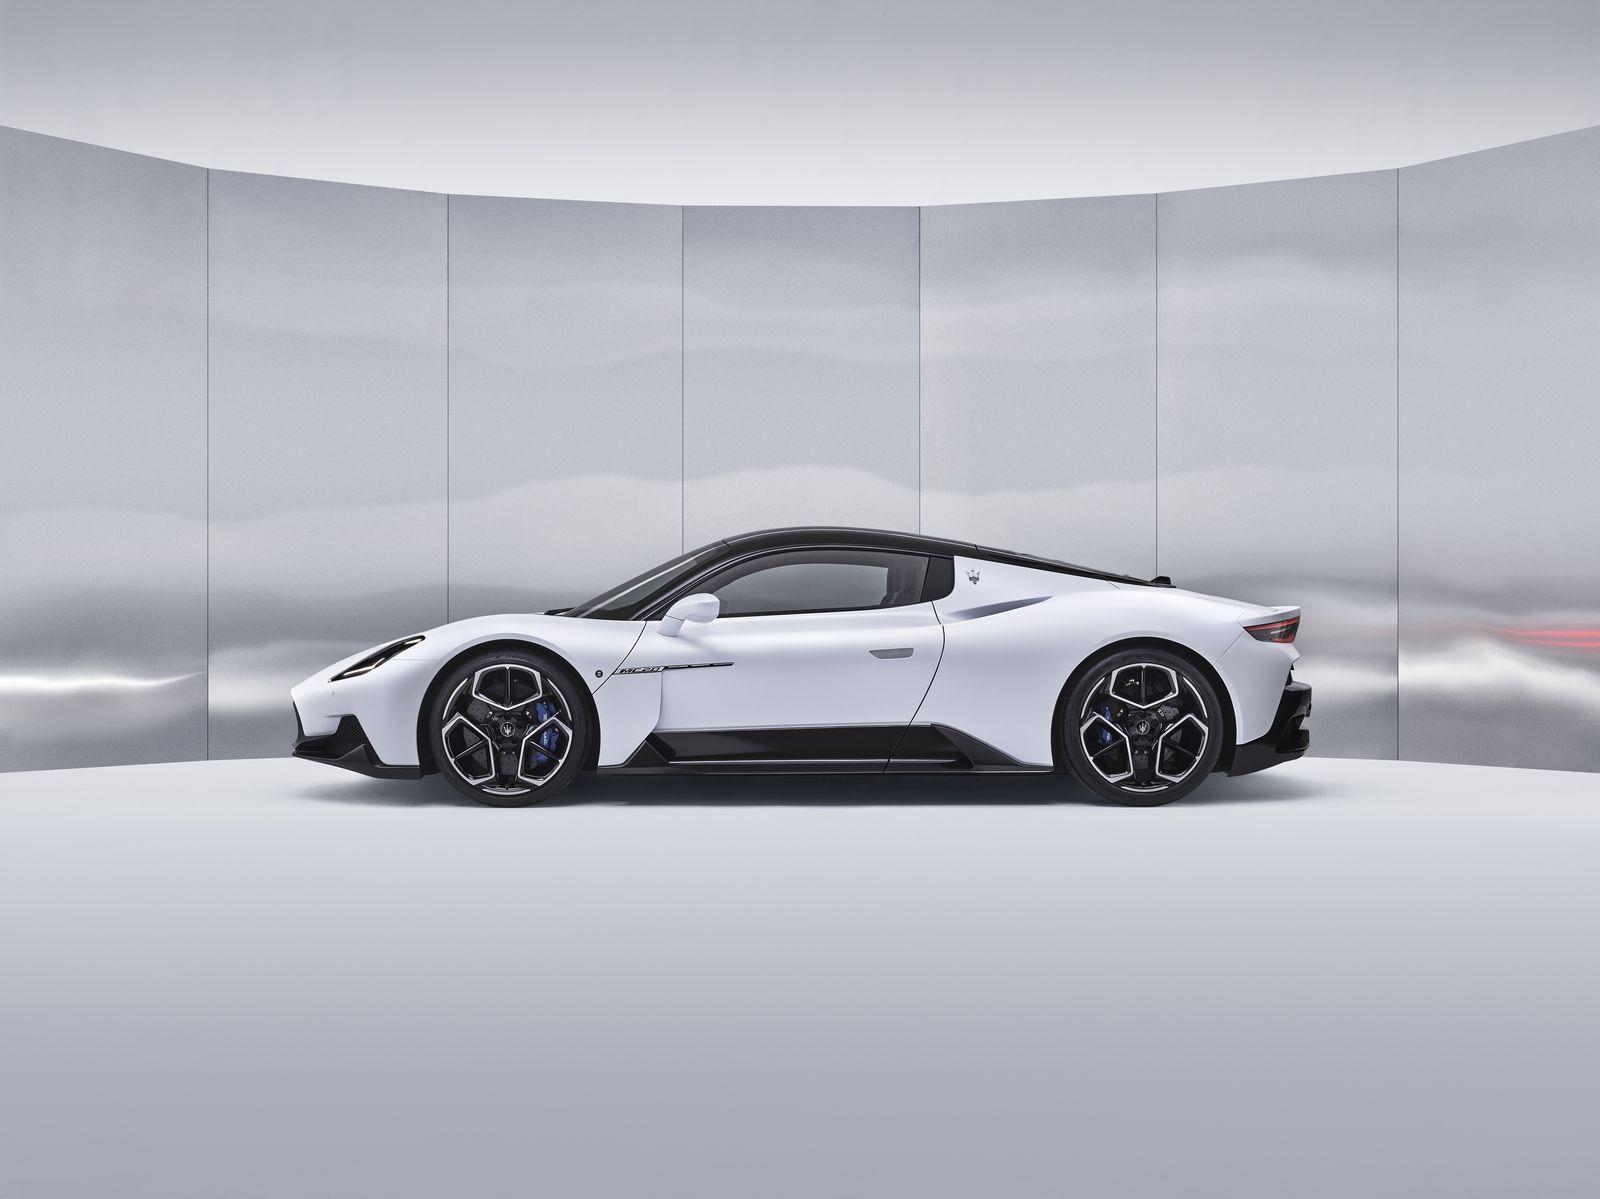 MaseratiMC20_2021_36